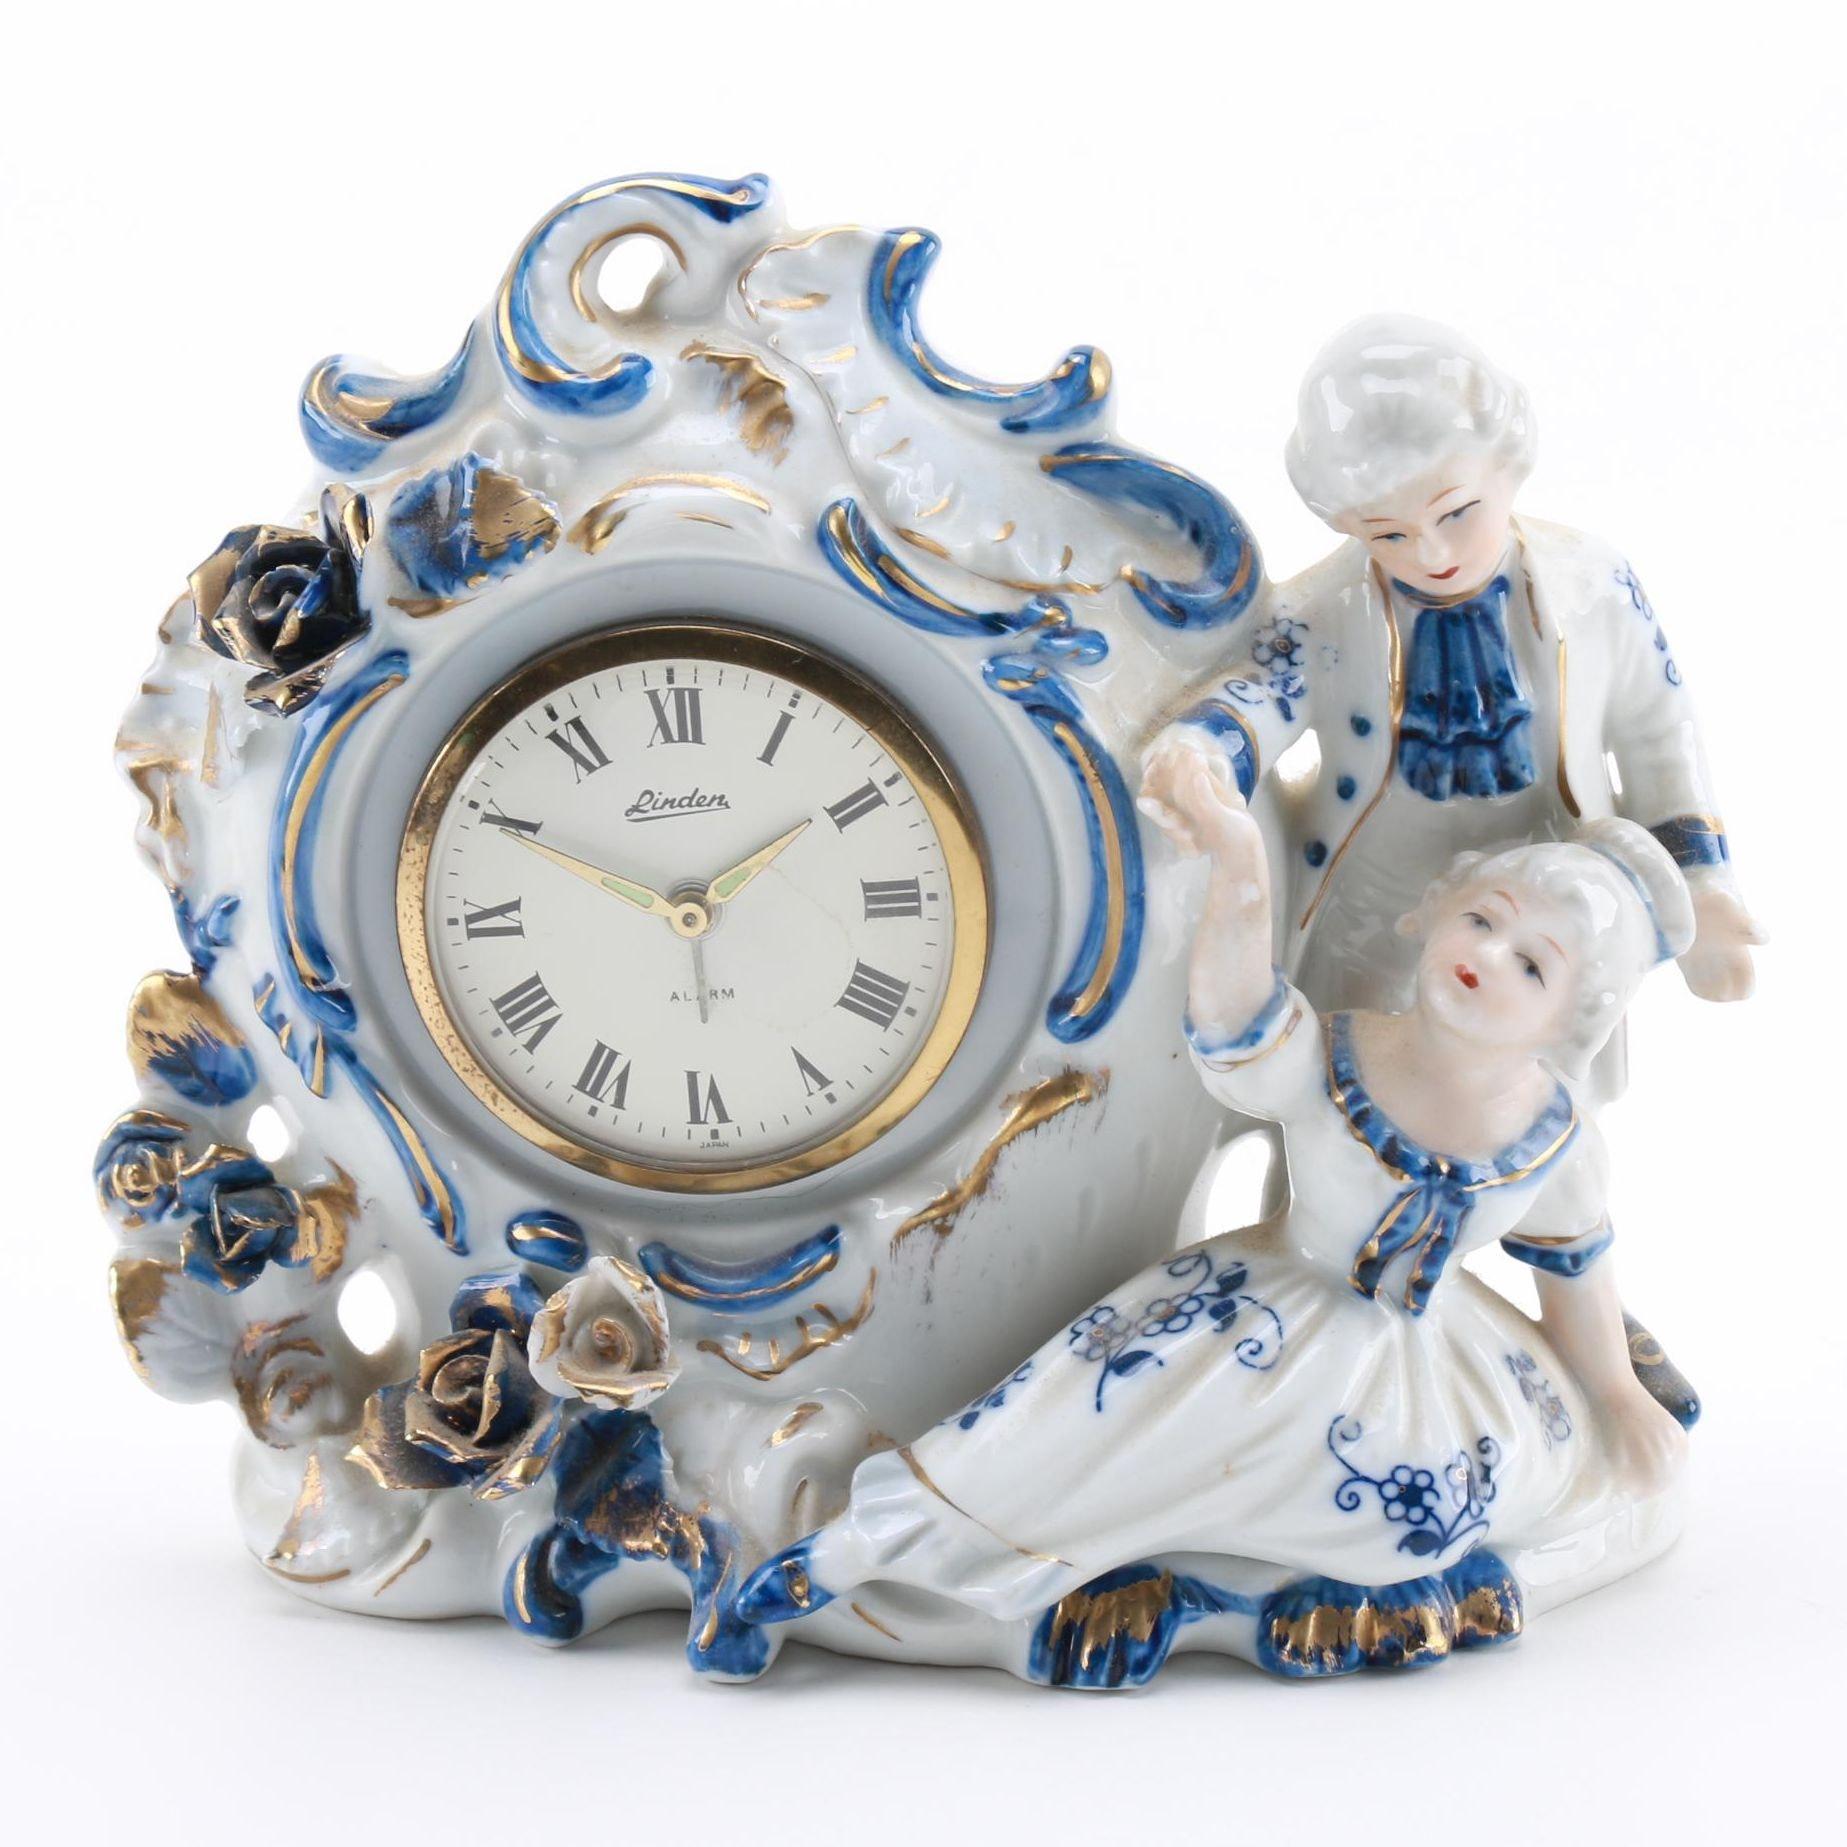 Linden Porcelain Figural Desk Clock